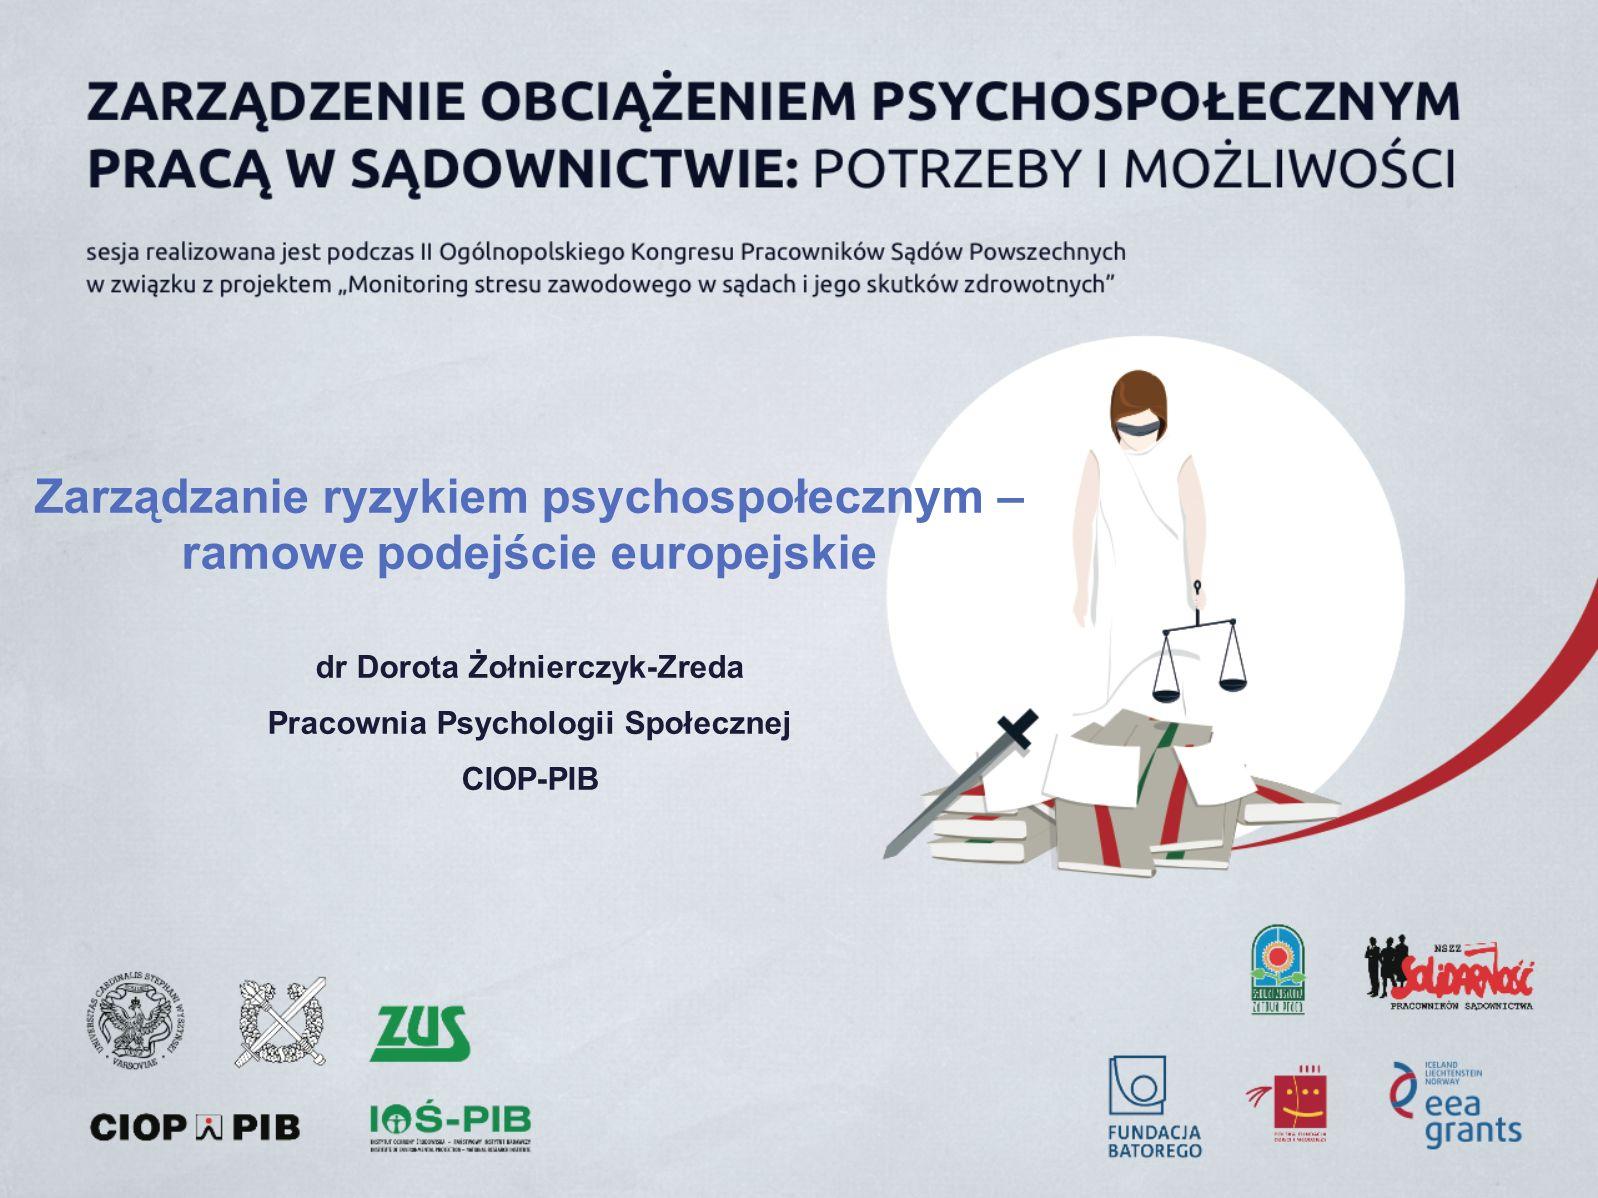 Zarządzanie ryzykiem psychospołecznym – ramowe podejście europejskie dr Dorota Żołnierczyk-Zreda Pracownia Psychologii Społecznej CIOP-PIB